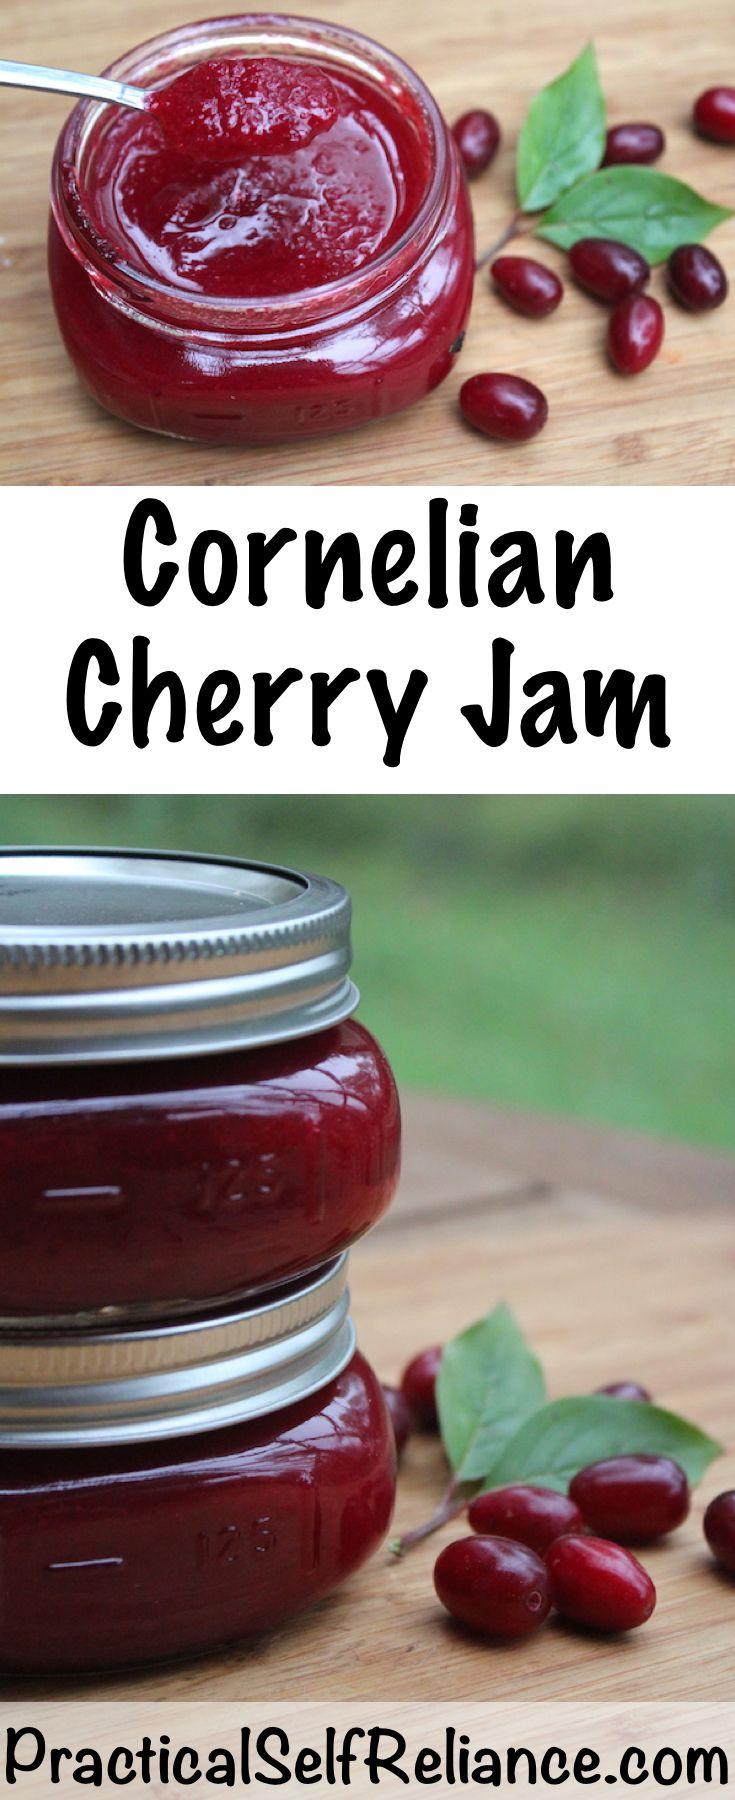 Cornelian Cherry Jam (or Jelly)